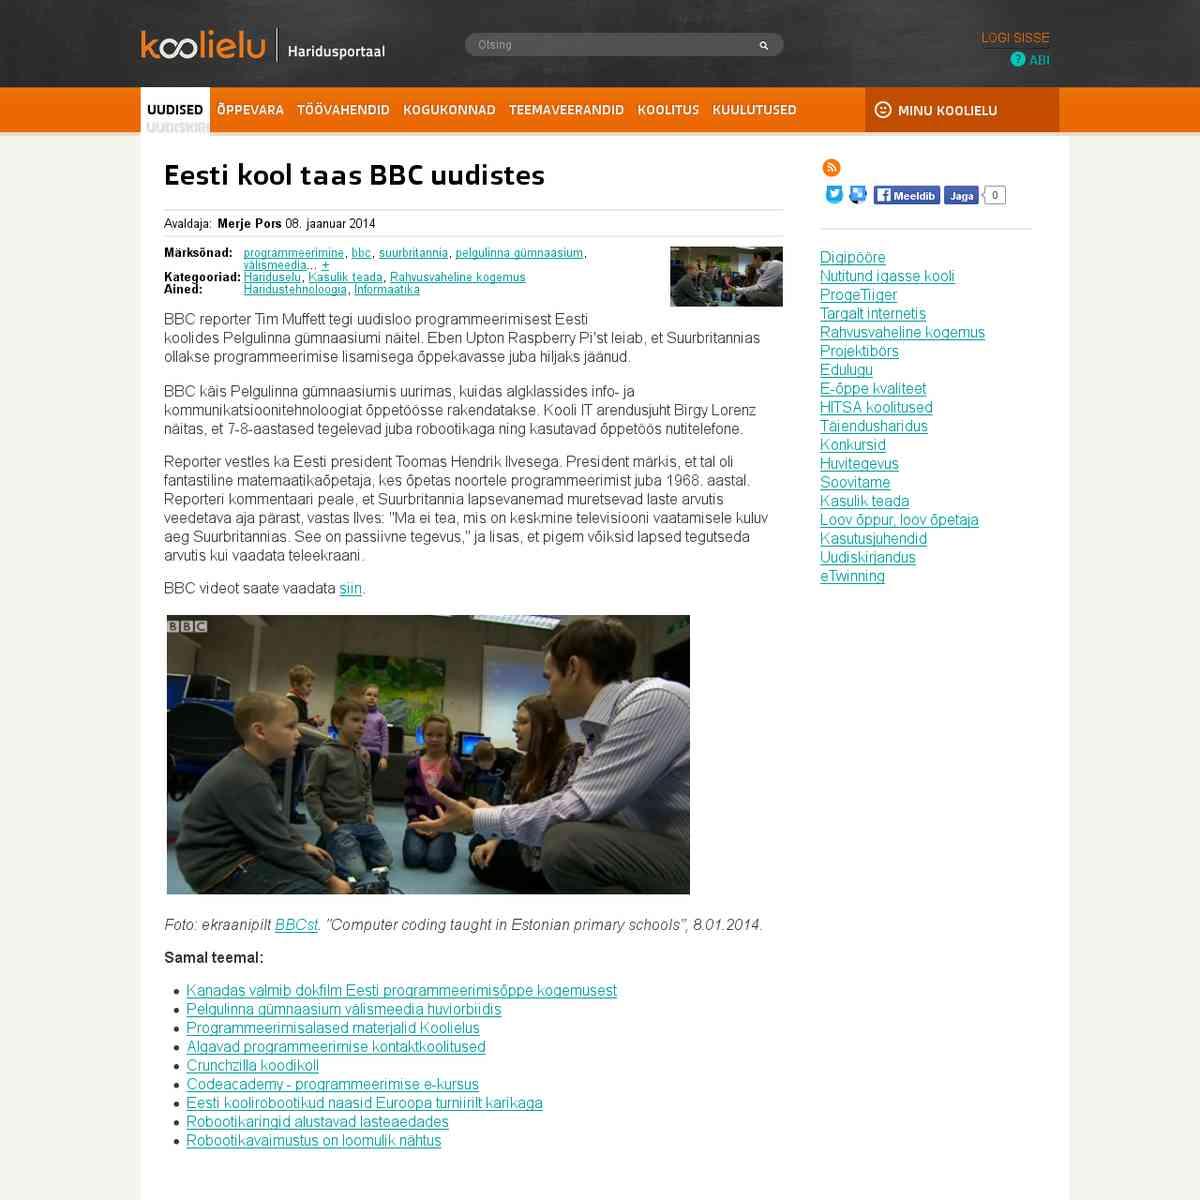 Eesti kool taas BBC uudistes : Koolielu